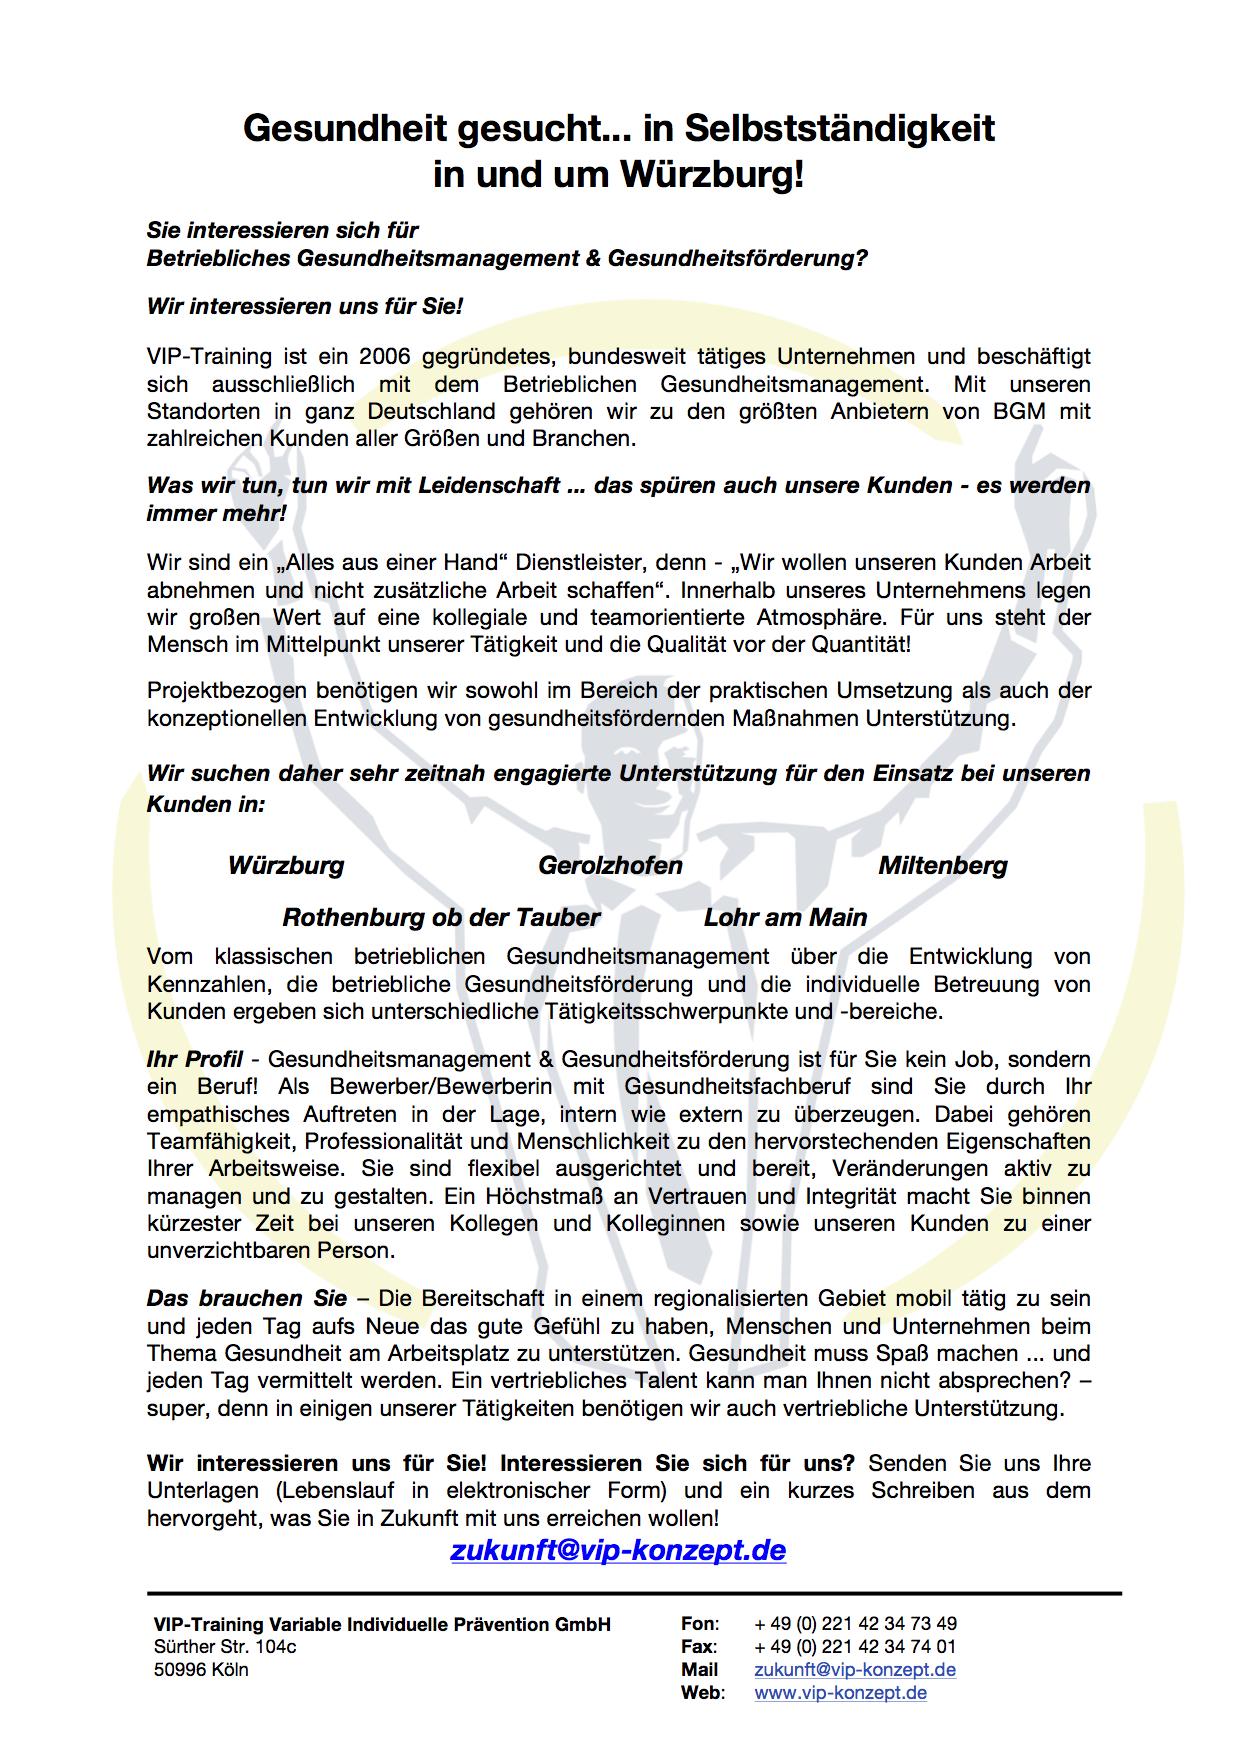 Gesundheit gesucht_Würzburg_05022016[1]